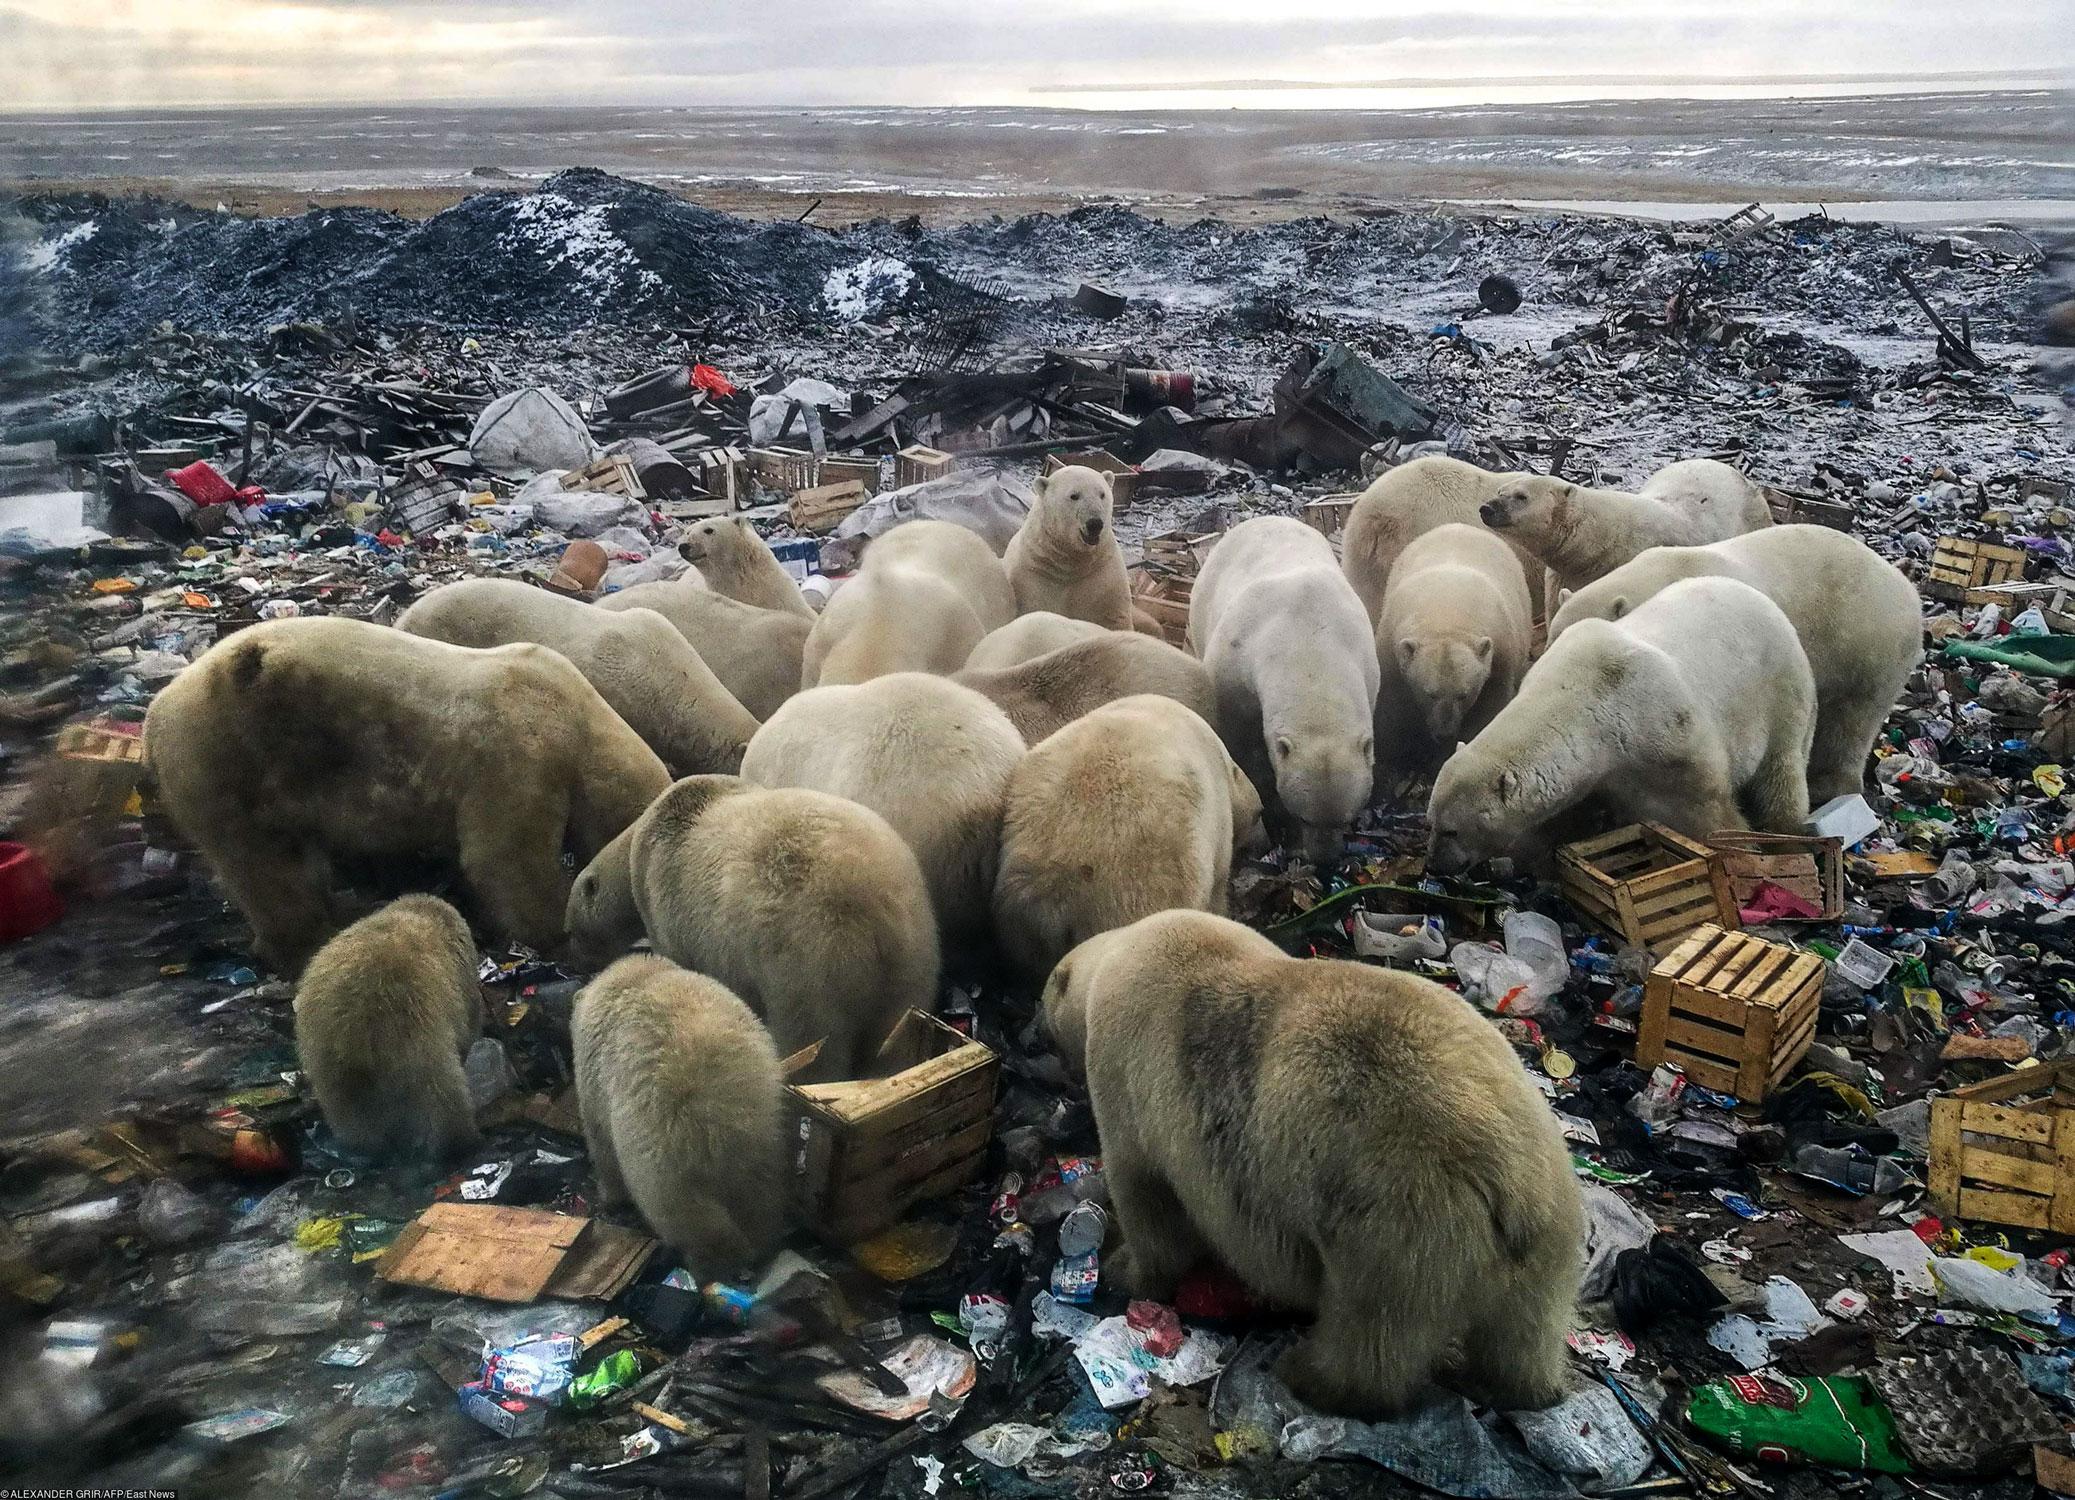 Снимок, сделанный 31 октября 2018 года, показывает, что белые медведи ищут еду намусорной свалке недалеко отдеревни Белушья Губа, наотдаленном российском северном архипелаге Новая Земля, вжестко контролируемом военном районе. Вфеврале местные жители объявили чрезвычайное положение из-за нашествия белых медведей. Ученые говорят, что столкновений сполярными медведями вбудущем станет еще больше из-за таяния арктических льдов ироста присутствия людей вэтом районе. «Вторжение» агрессивных белых медведей внаселенные районы арктической России происходило втечение примерно десяти дней вфеврале 2019 года. Глобальное потепление заставляет их проводить больше времени наземле, где они борются заеду